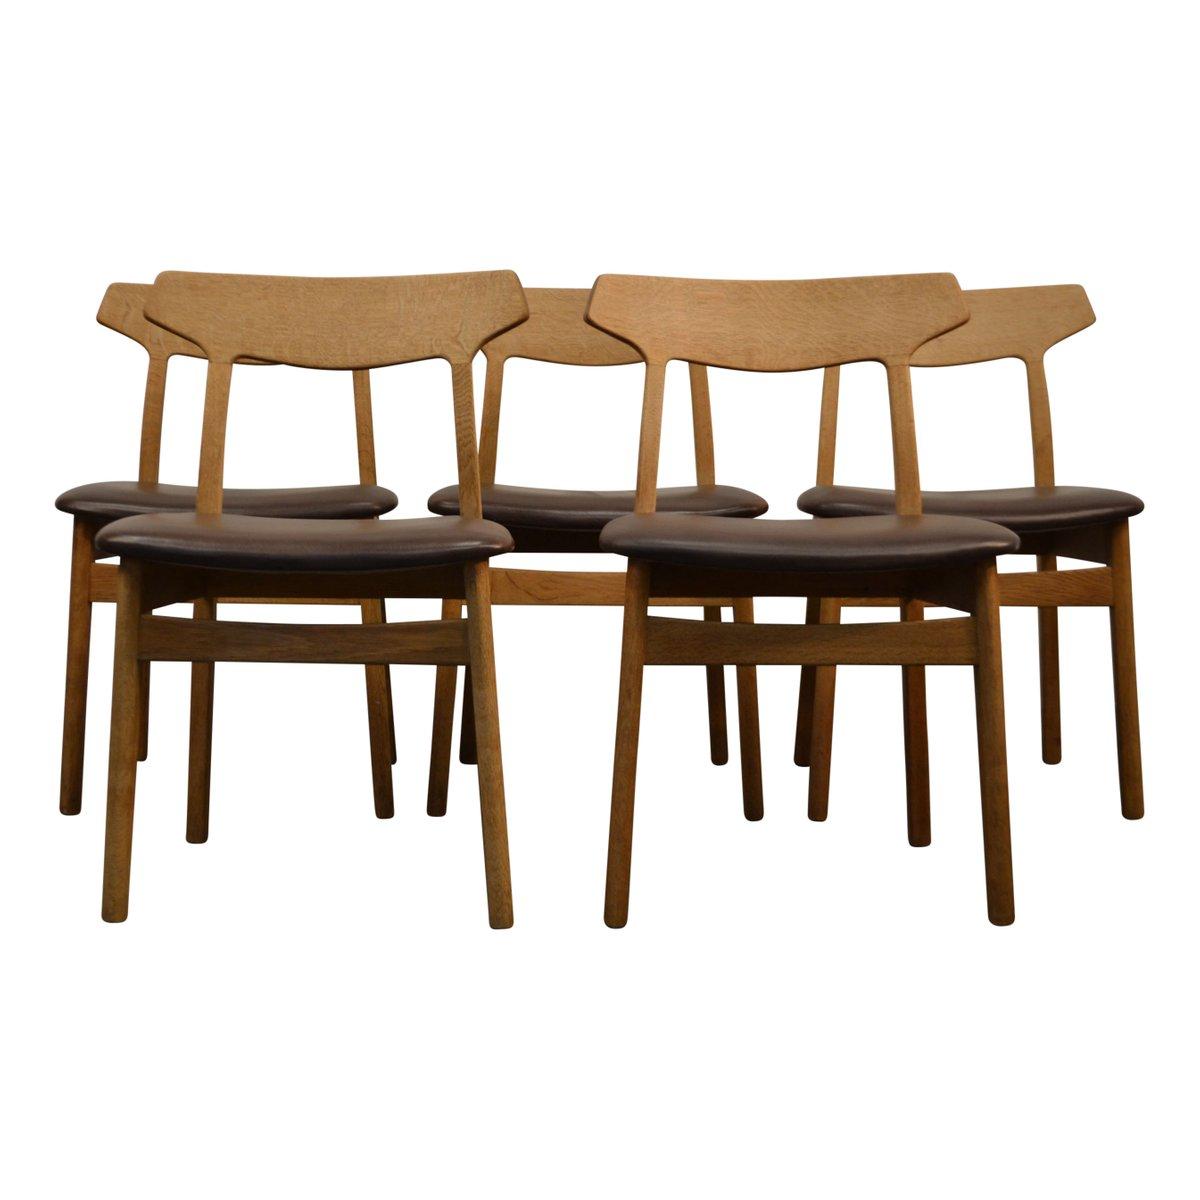 esszimmerst hle aus eiche von henning kjaernulf f r bruno. Black Bedroom Furniture Sets. Home Design Ideas